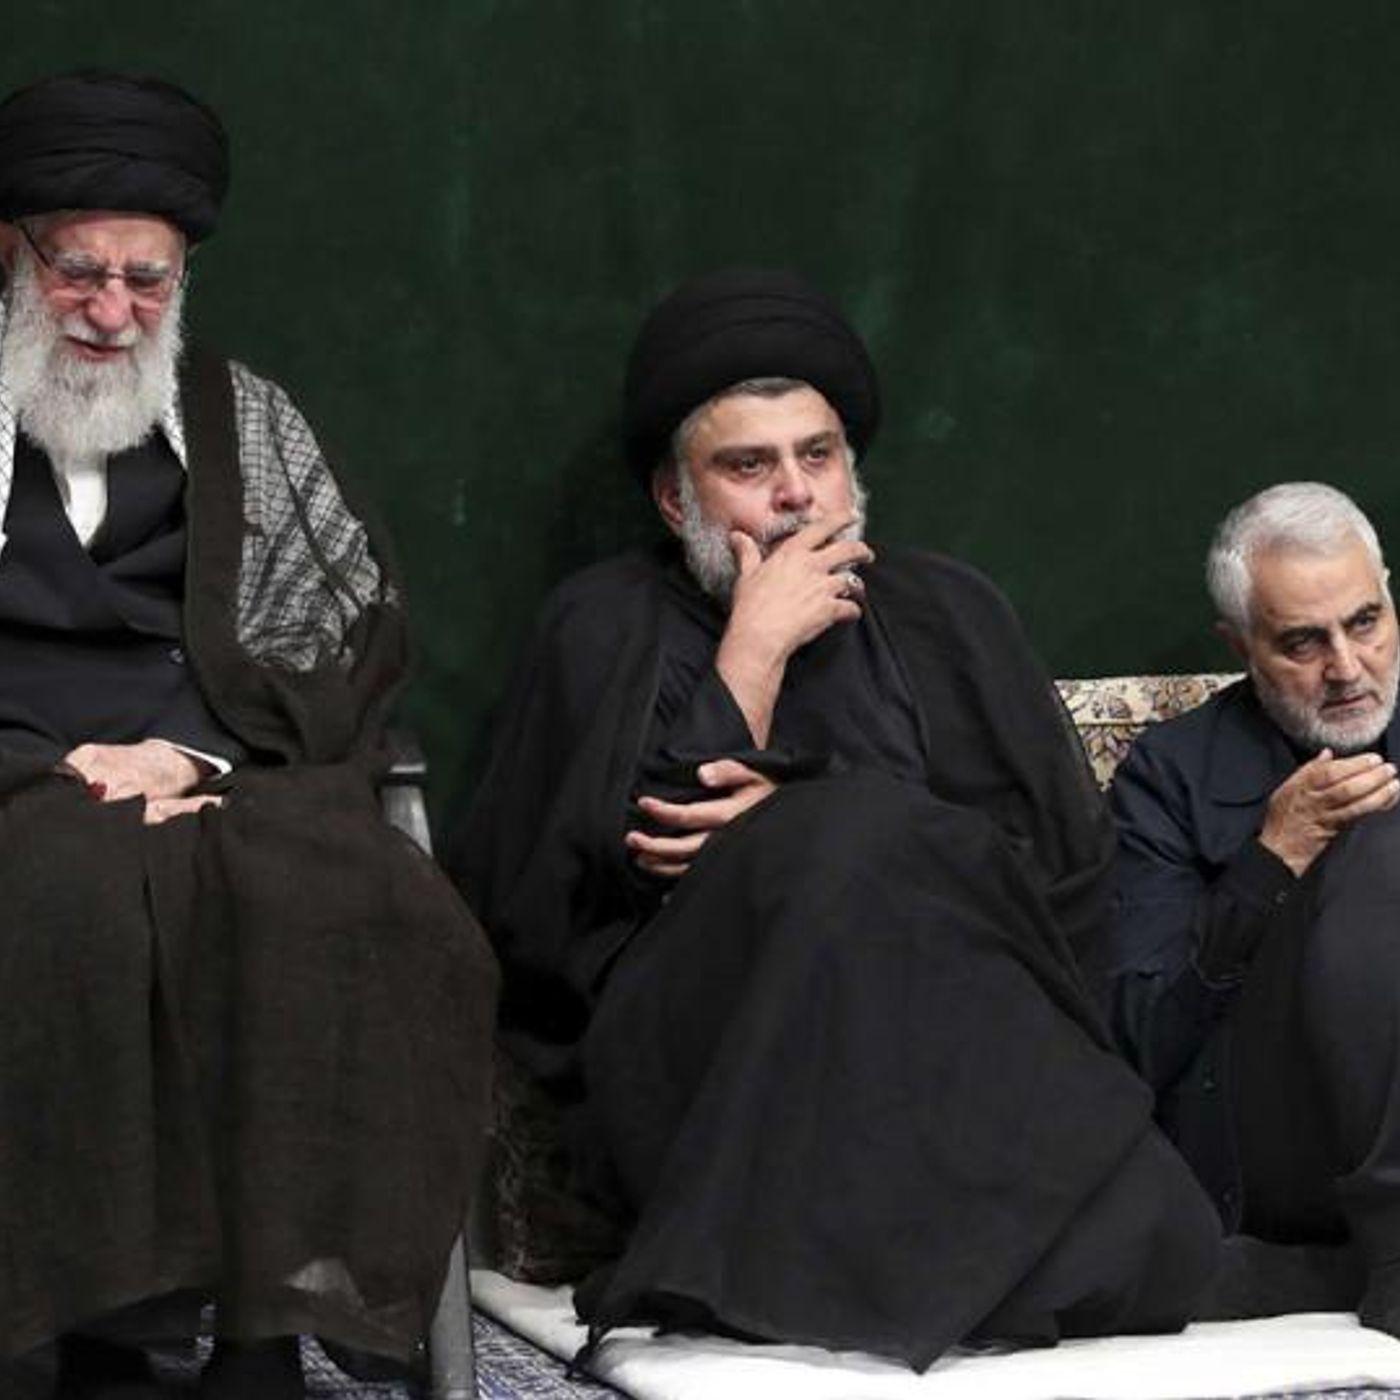 Muqtada al-Sadr IS NEXT DRONE TARGET